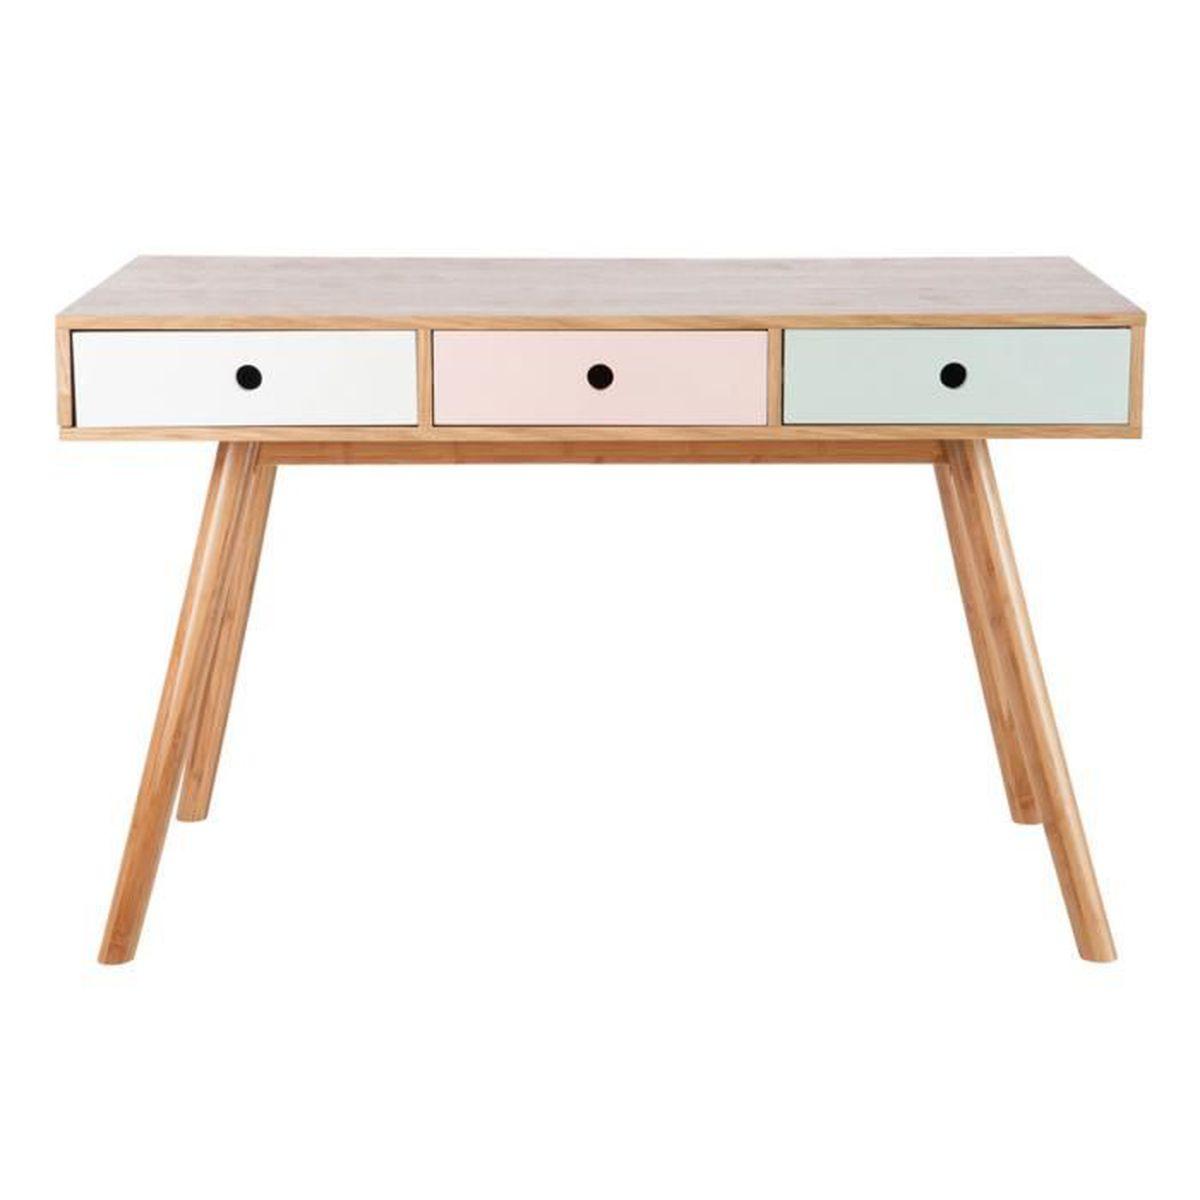 bureau 3 tiroirs vintage bois pastel rose vert bois blanc achat vente bureau bureau 3. Black Bedroom Furniture Sets. Home Design Ideas